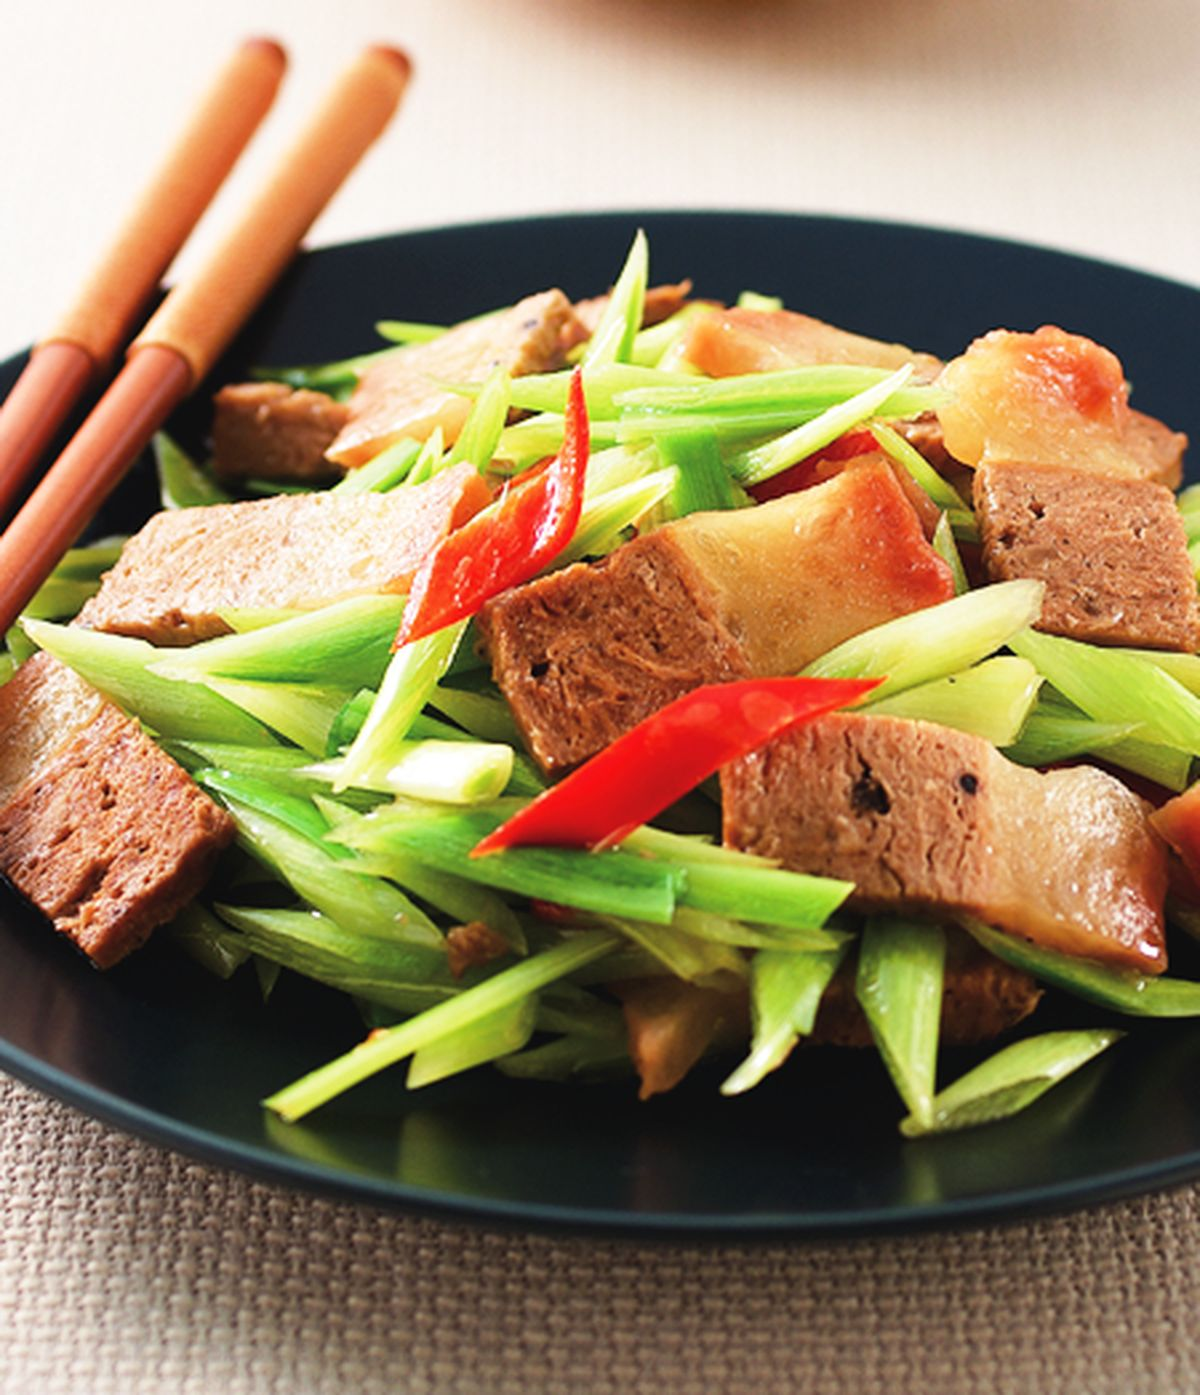 食譜:碧玉筍炒素五花